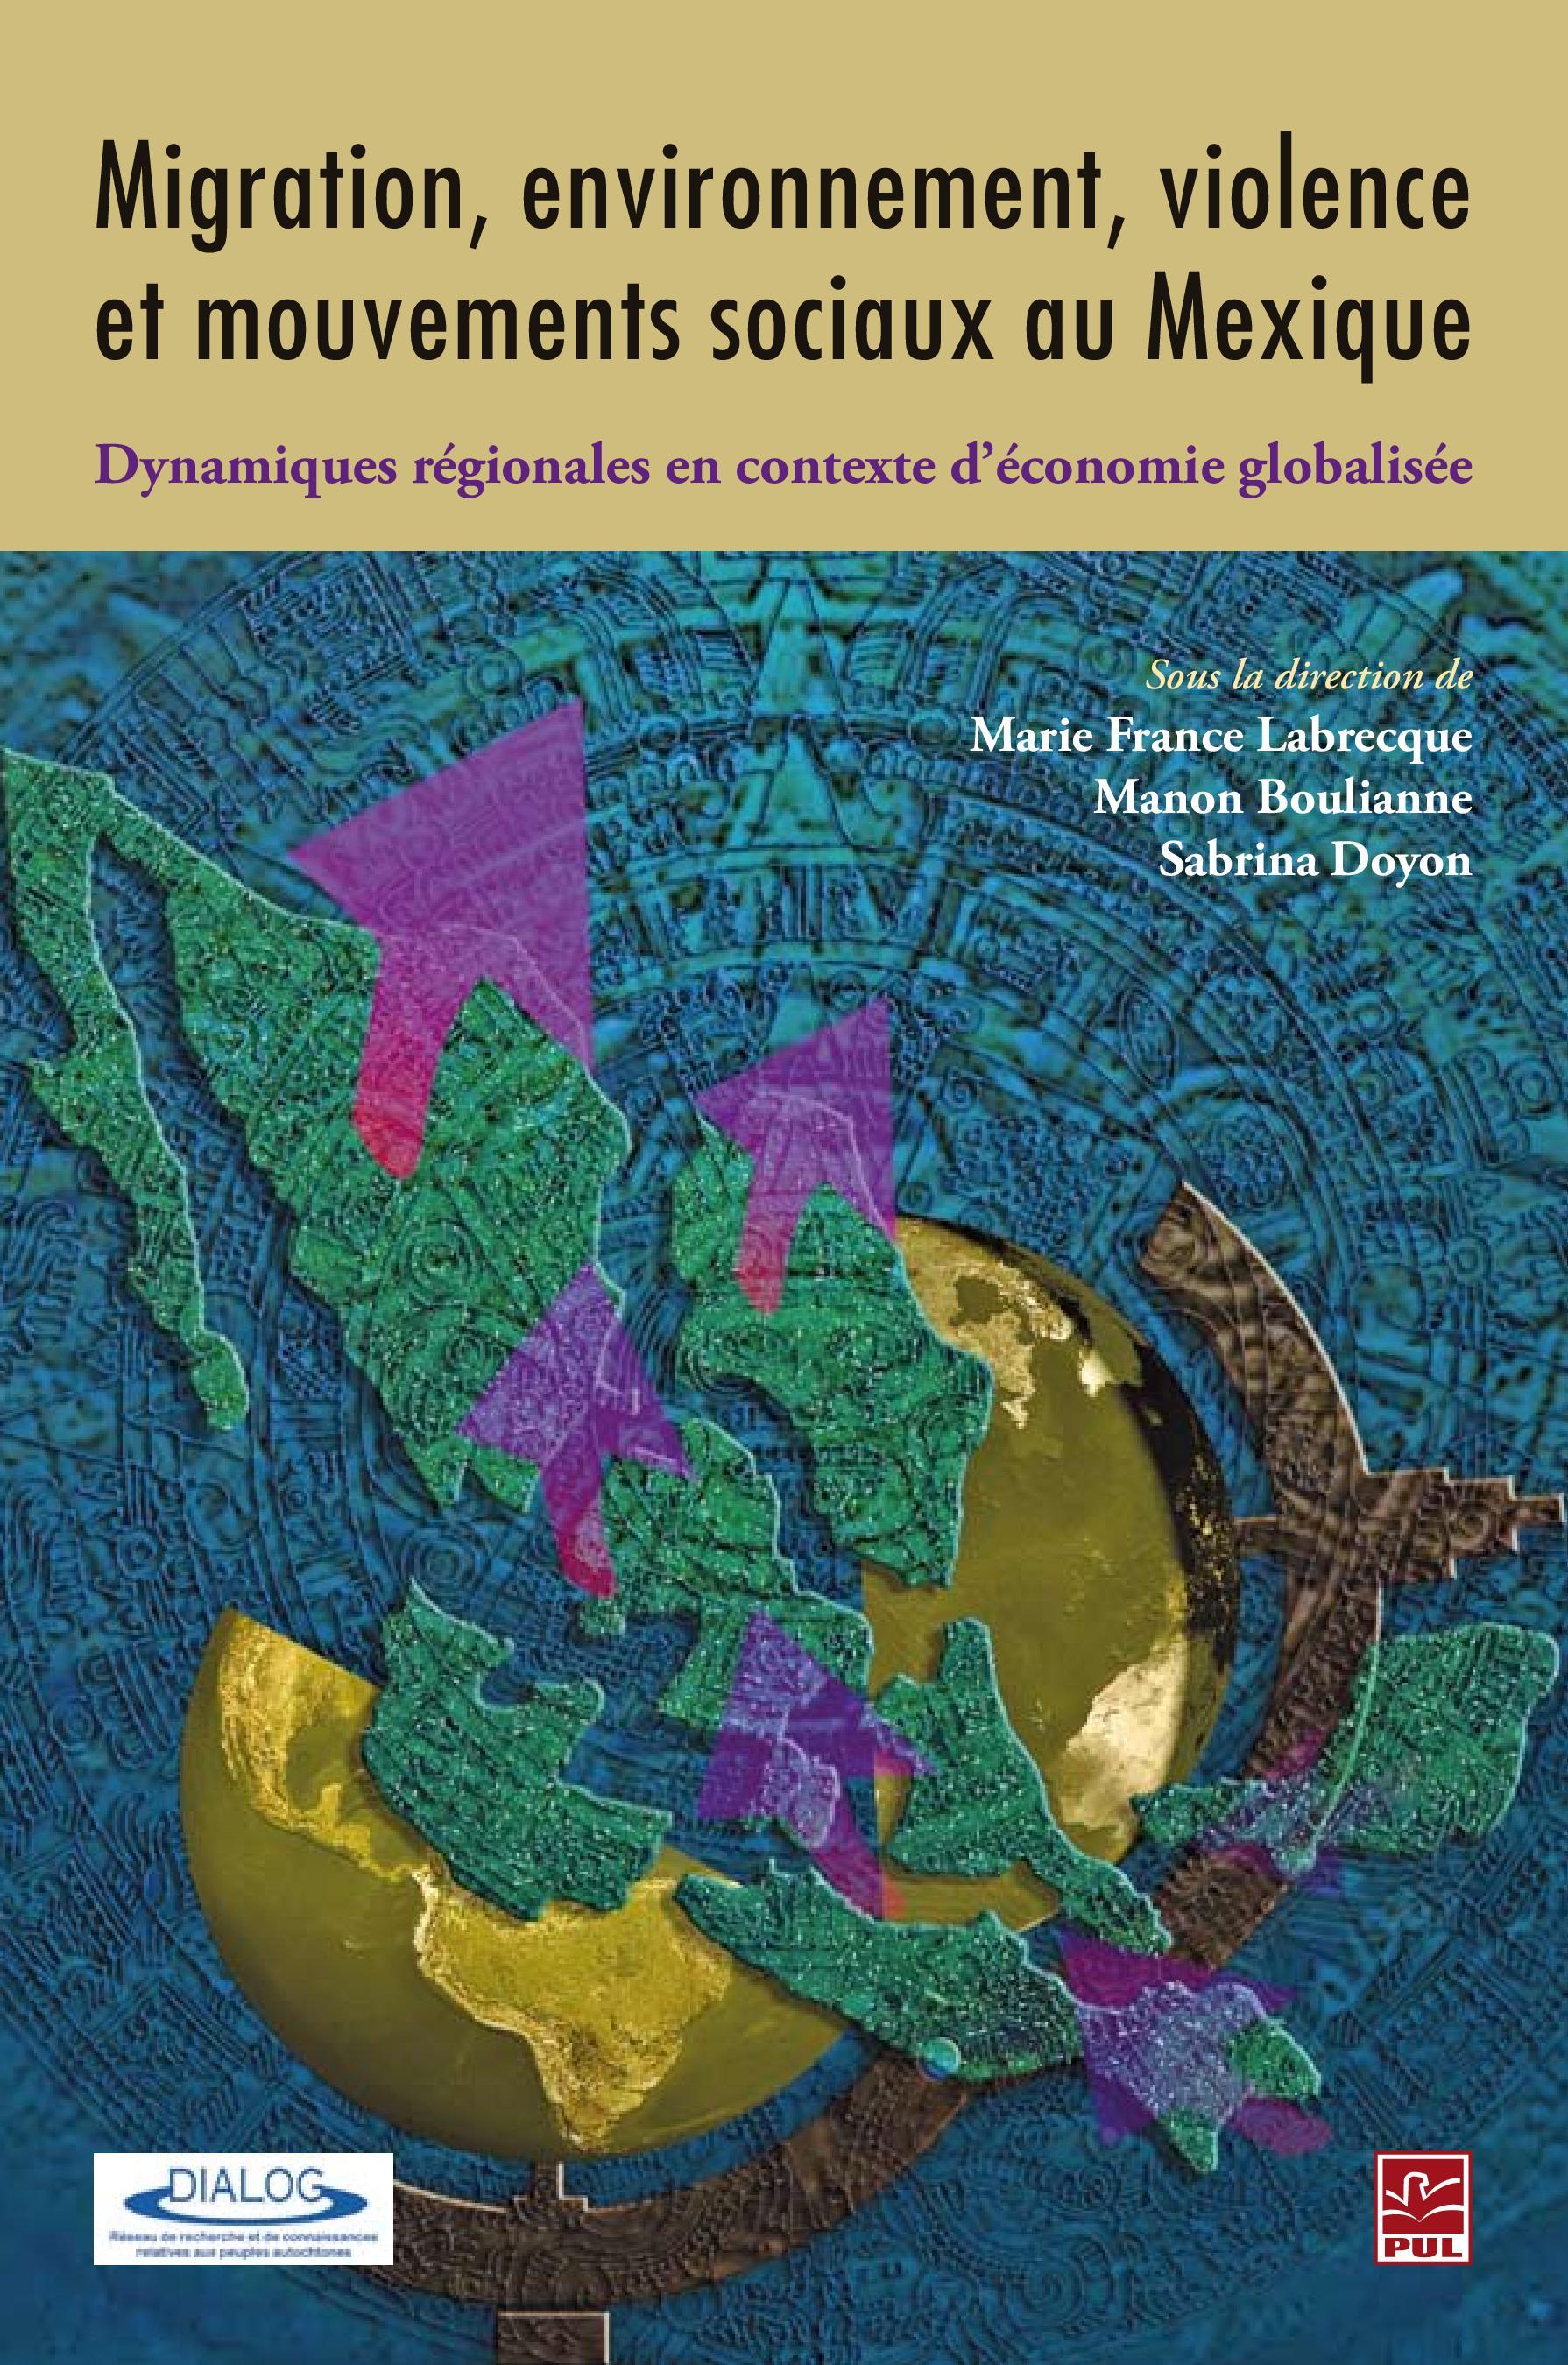 Migration, environnement, violence et mouvements sociaux...